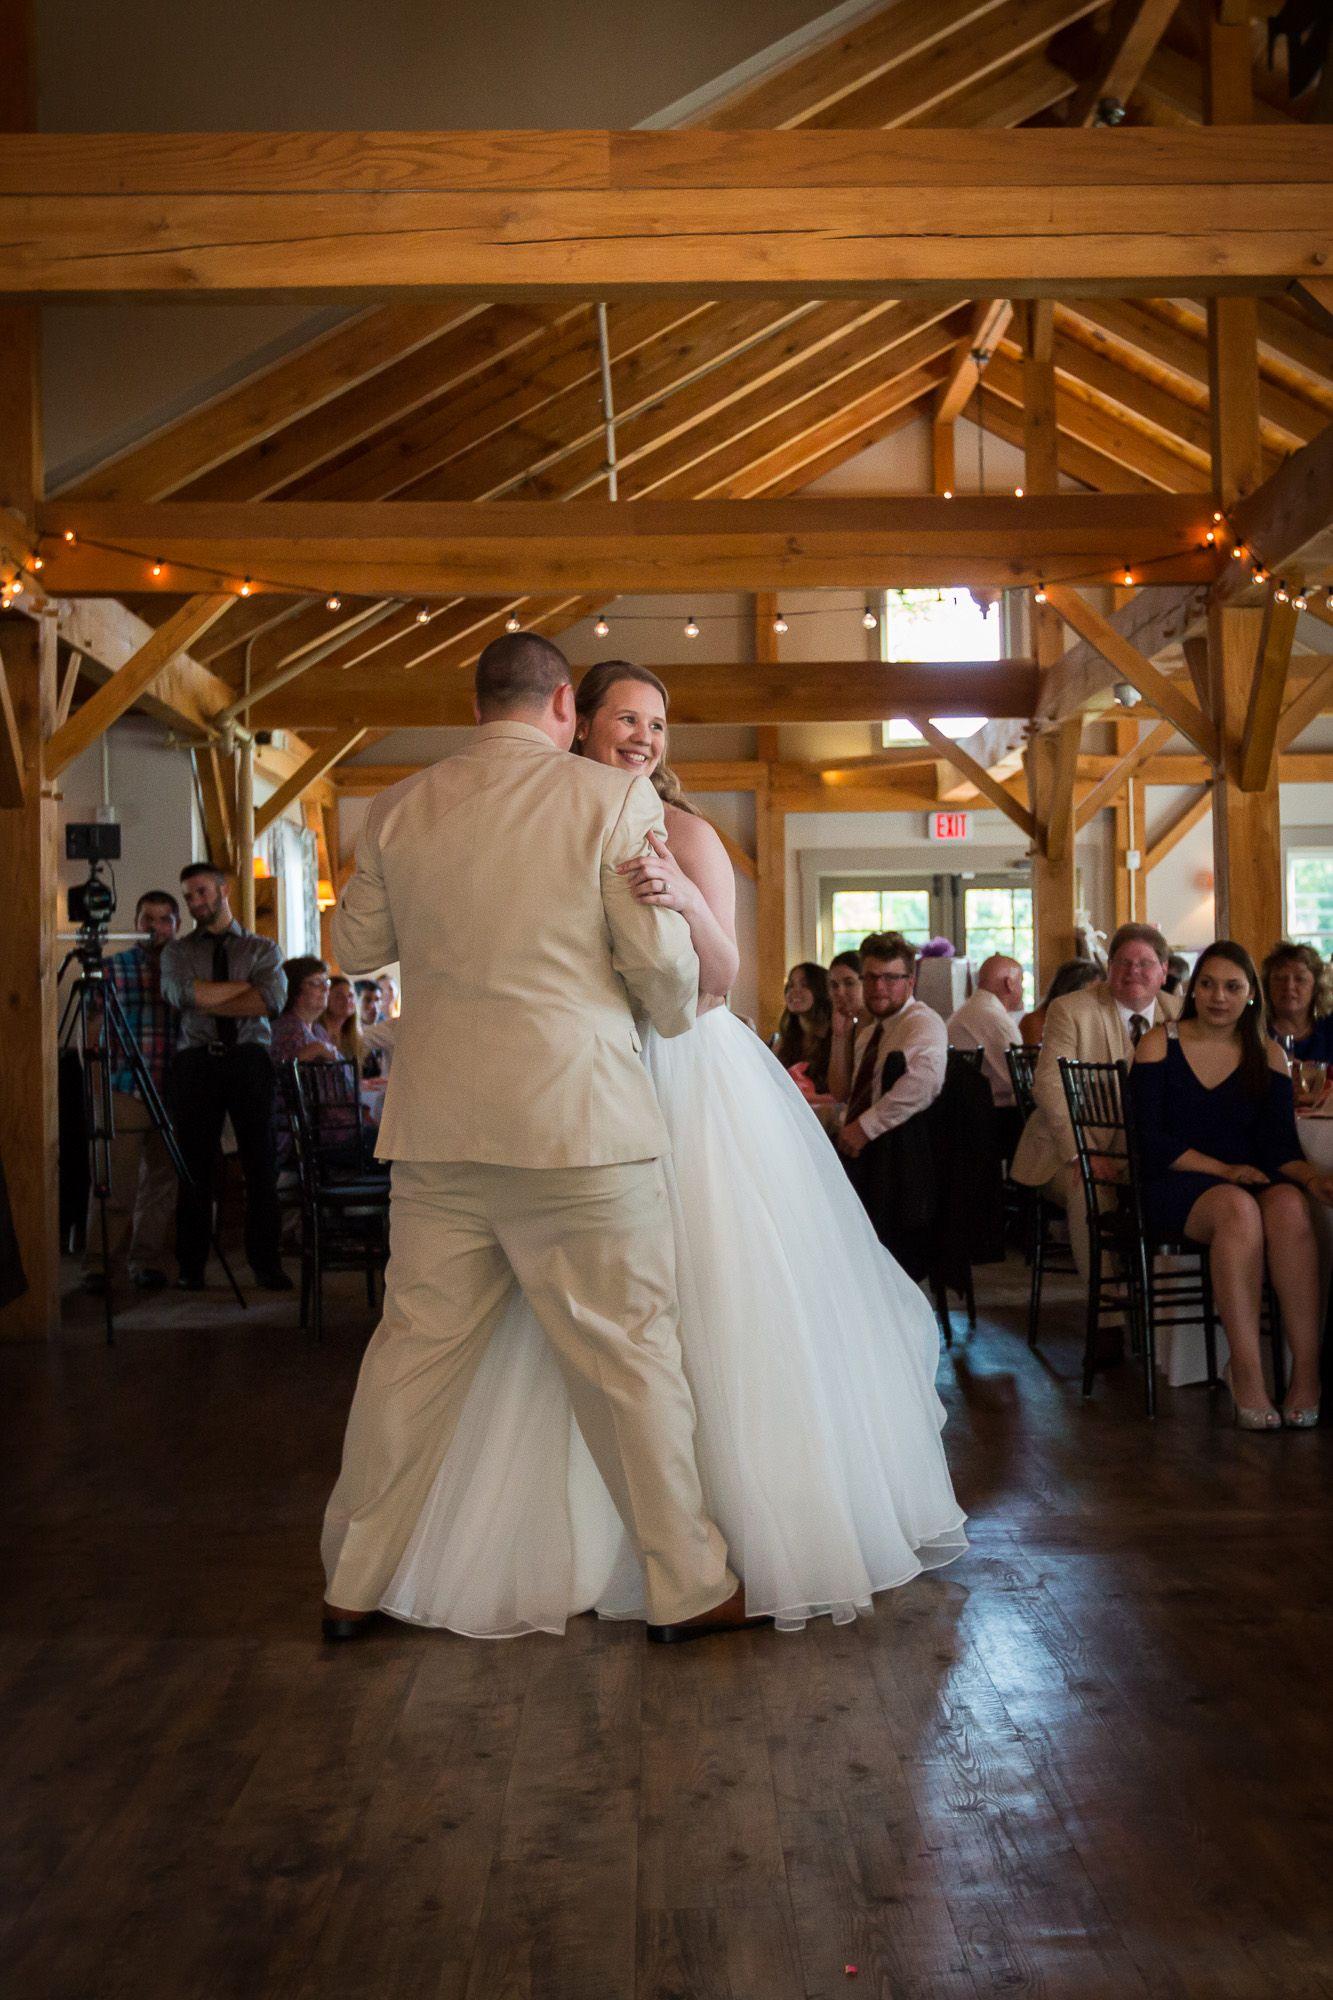 Sturbridge Ma Wedding Venue Barn At Wight Farm Ct Wedding Photography Trailing Twine Photography Llc Ma Wedding Venues Farm Wedding Barn Wedding Venue